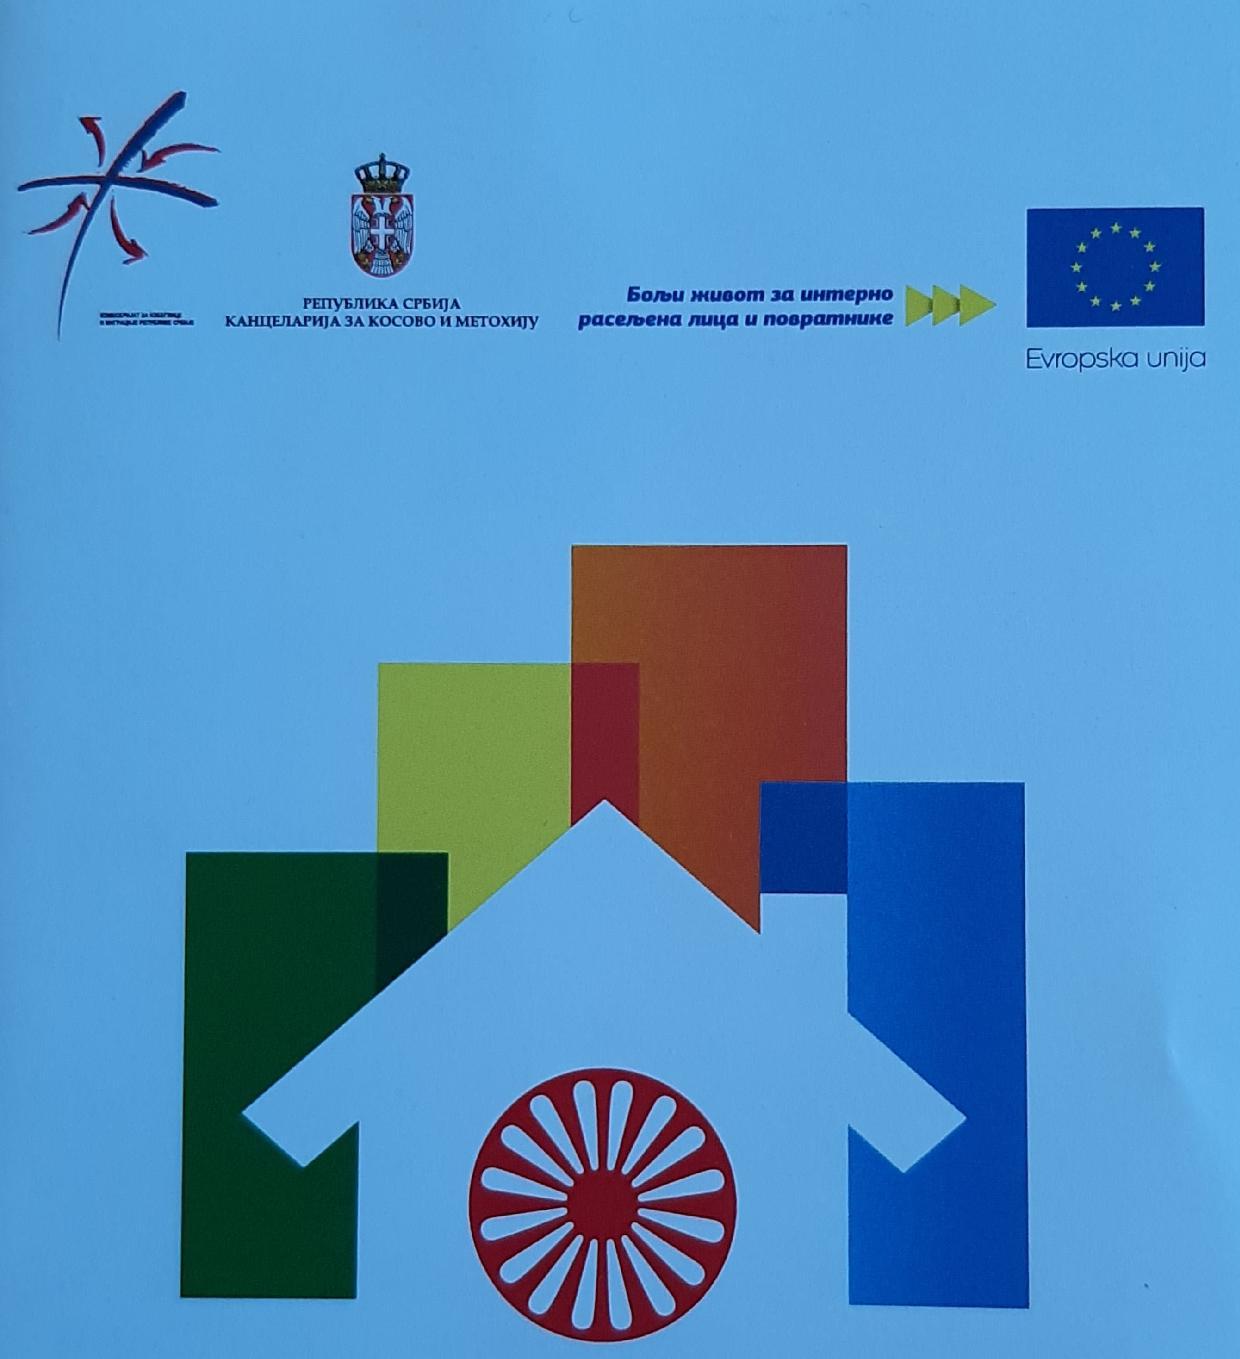 Niška Banja: 27 kuća adaptirano, 110 korisnika prošlo obuku, 164 socijalne karte izrađene